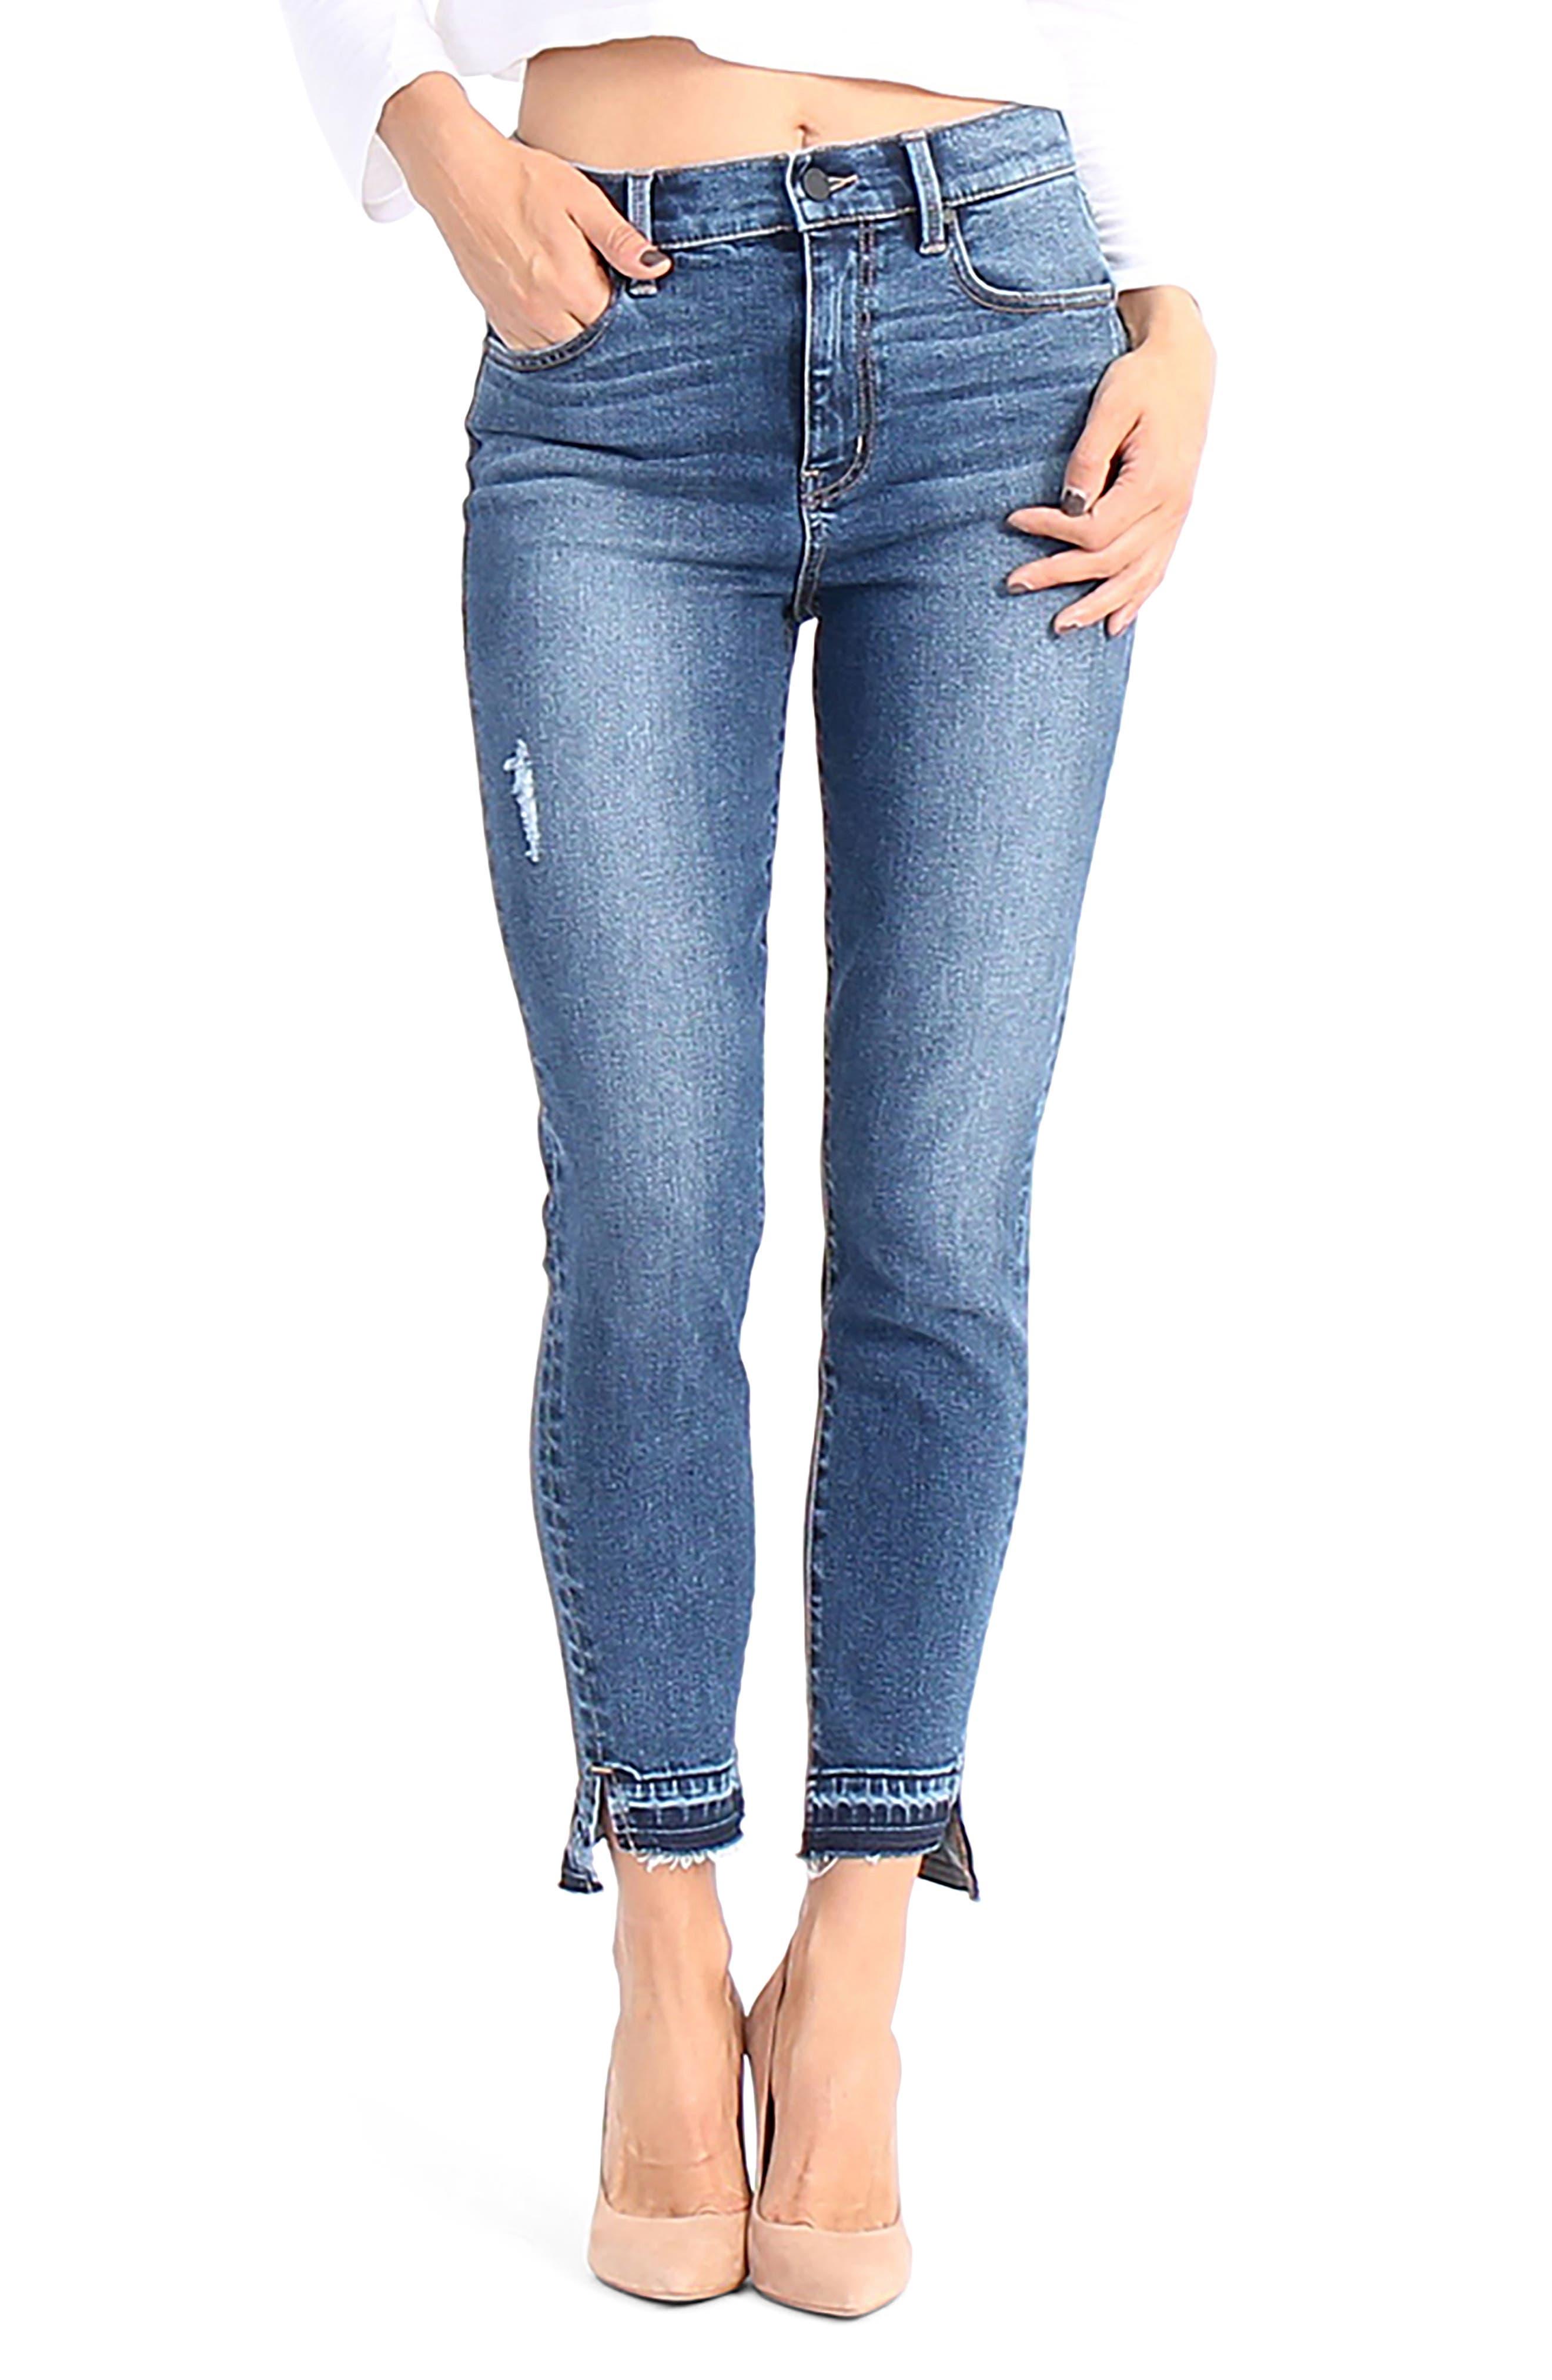 Elle Uneven Hem Skinny Jeans,                             Main thumbnail 1, color,                             426